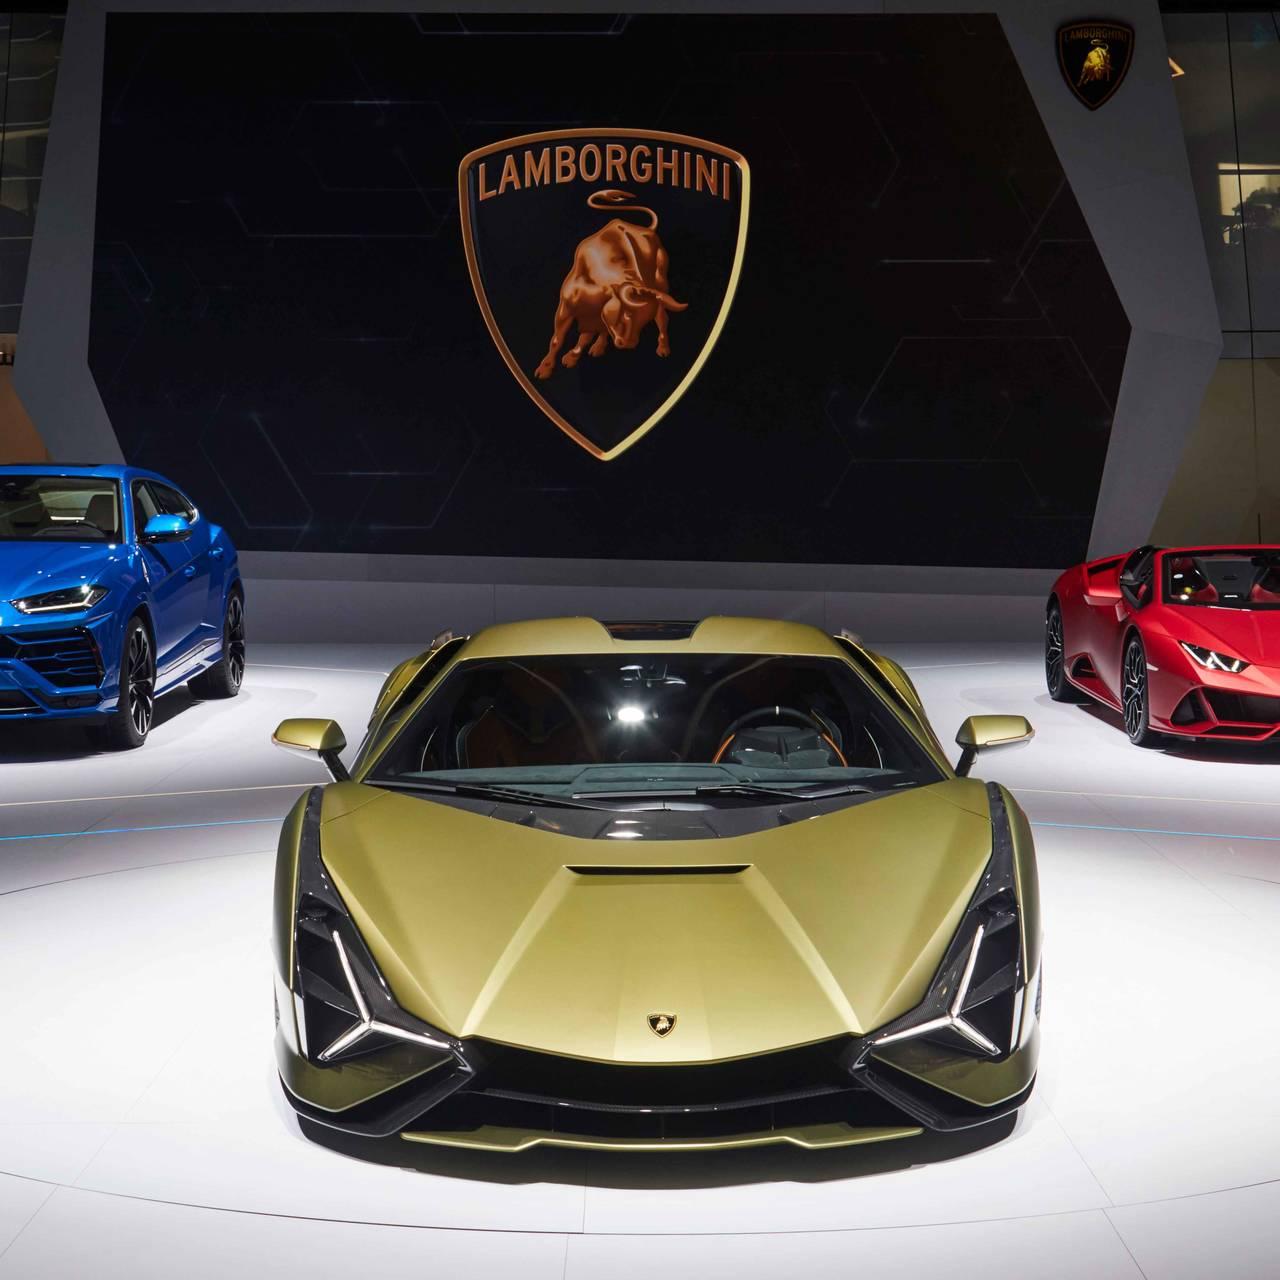 ピエヒ元VW会長の名を冠したランボルギーニ初のハイブリッドカーを世界初披露|Lamborghini